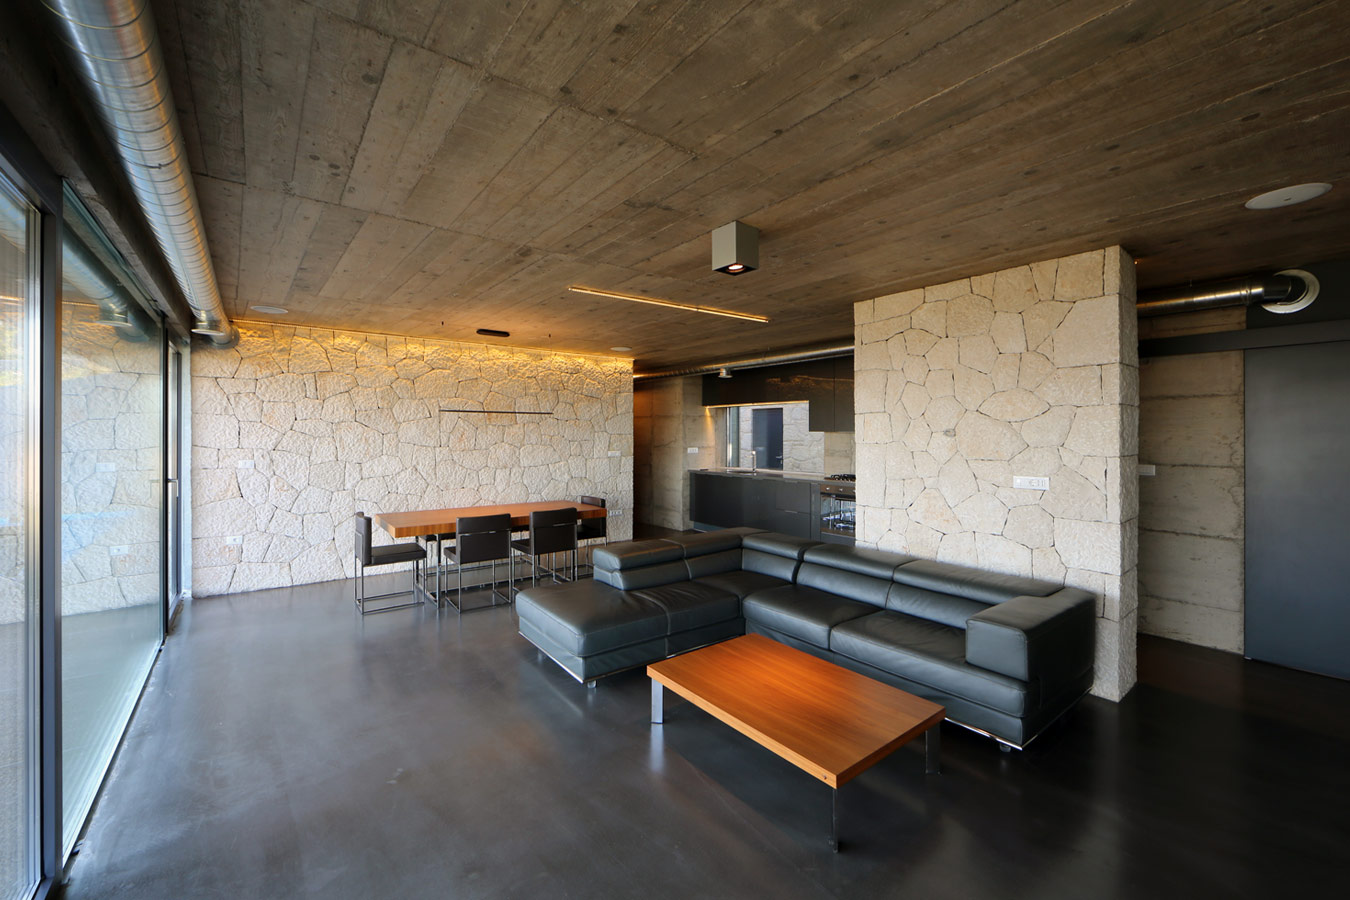 Idee n voor een moderne woonkamer inspiratie for Interieur nederland